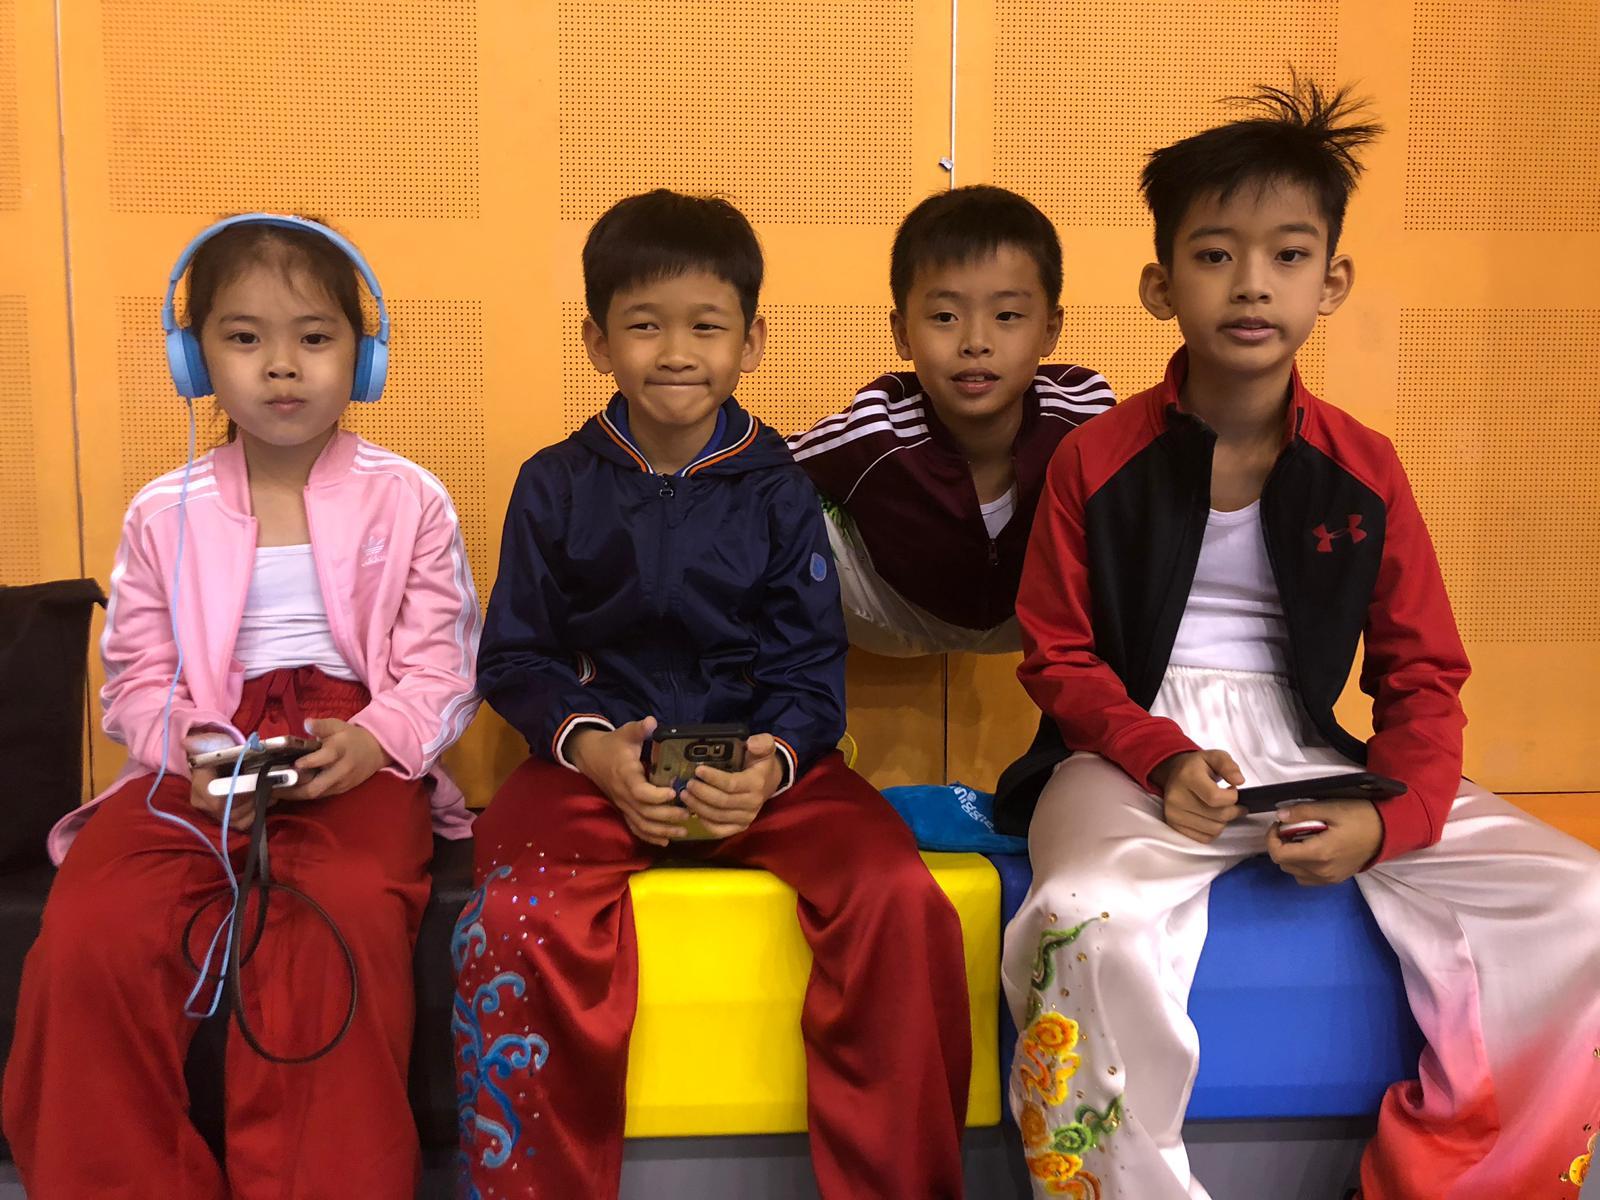 Xuan Sports Athletes - Shelby, Kavan, Dylan, Jovan